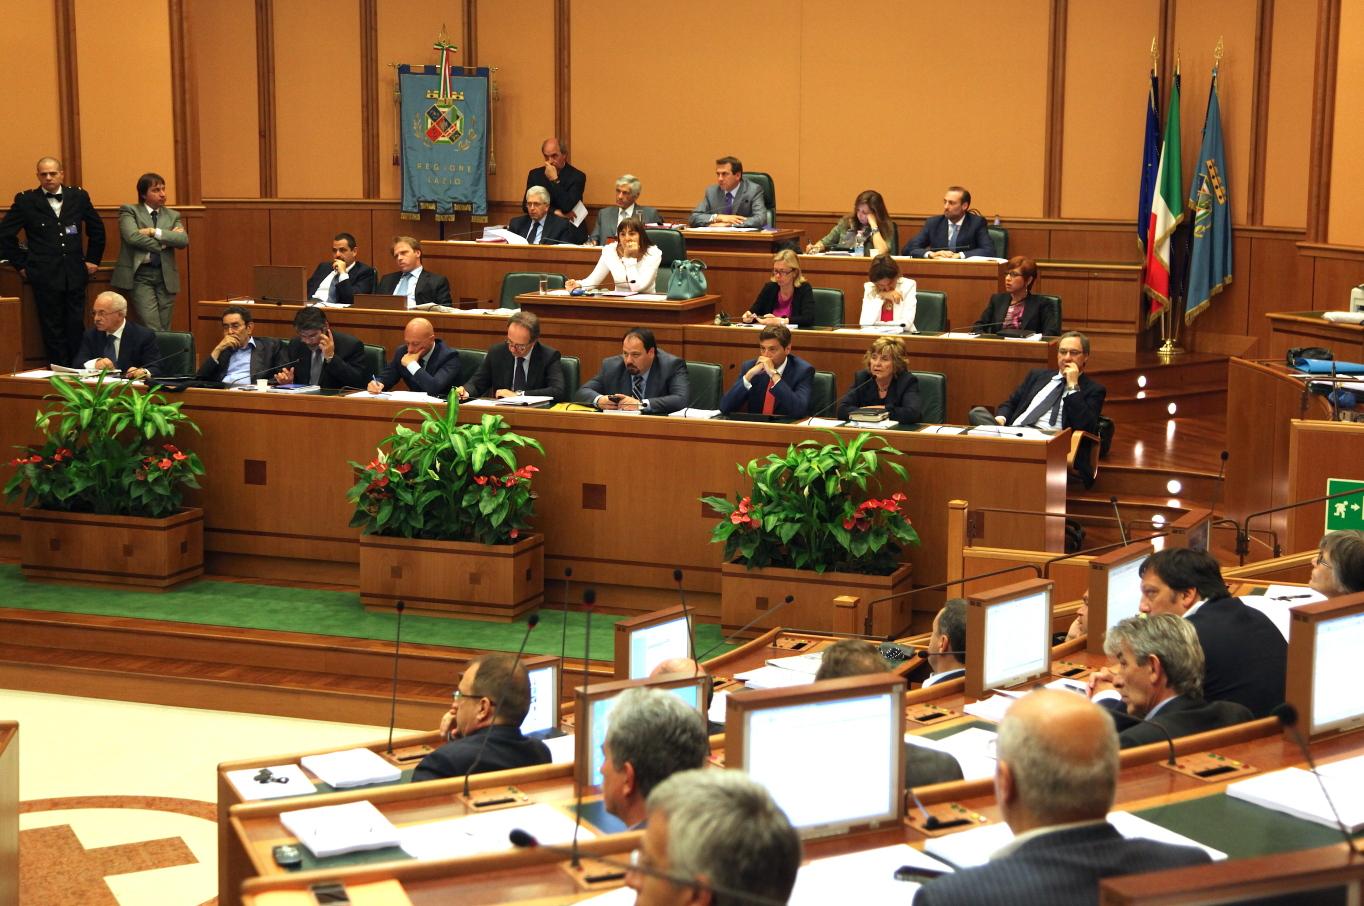 Approvato il documento di economia e finanza. Zingaretti e i consiglieri rinunciano alla pensione